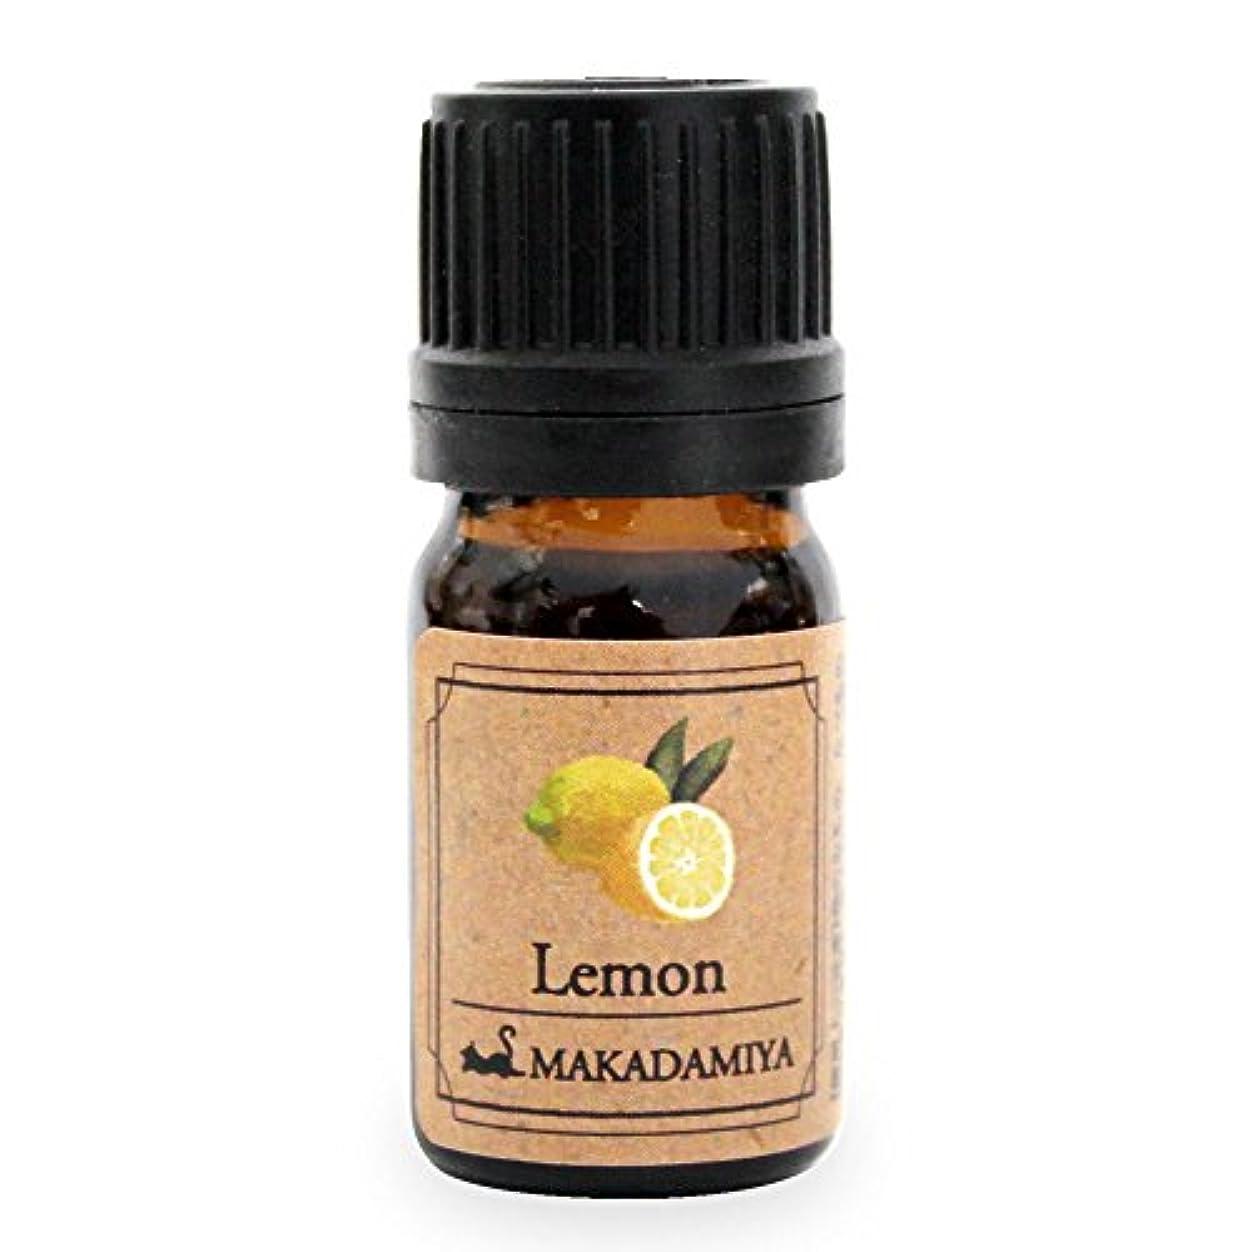 ルーフ葉パンツレモン5ml 天然100%植物性 エッセンシャルオイル(精油) アロマオイル アロママッサージ aroma Lemon